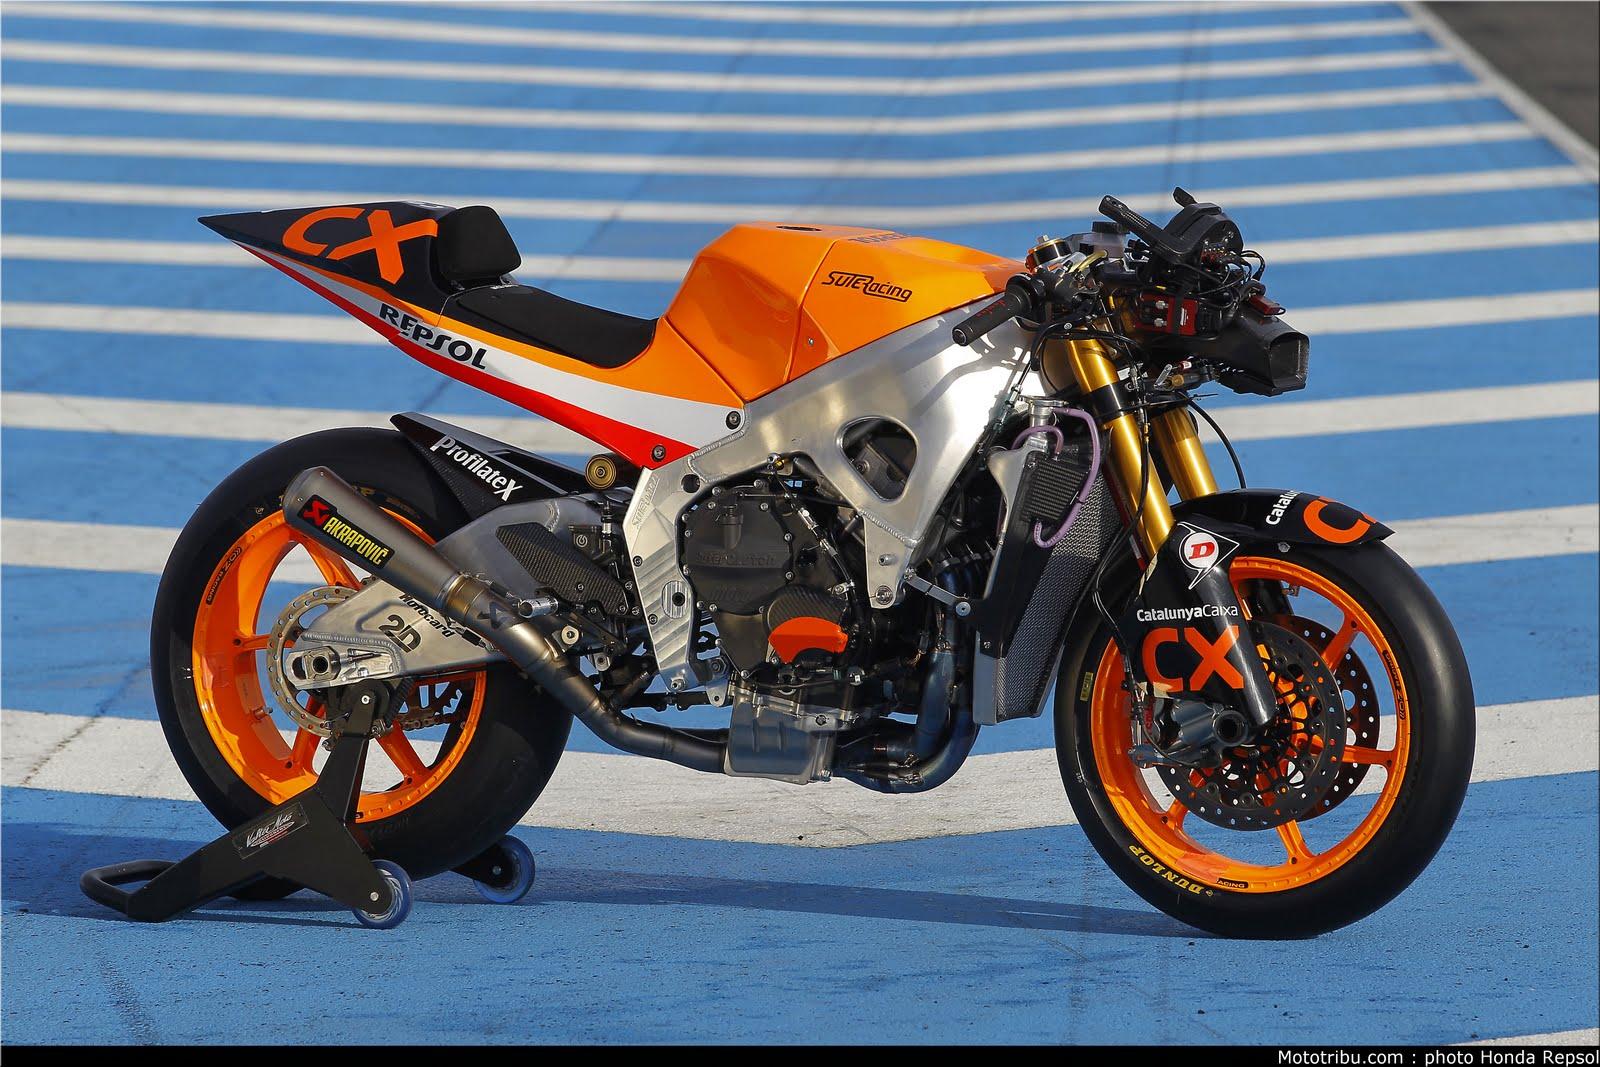 Machines de courses ( Race bikes ) - Page 7 Suter%2BMMX%2BMarquez%2B2011%2B04